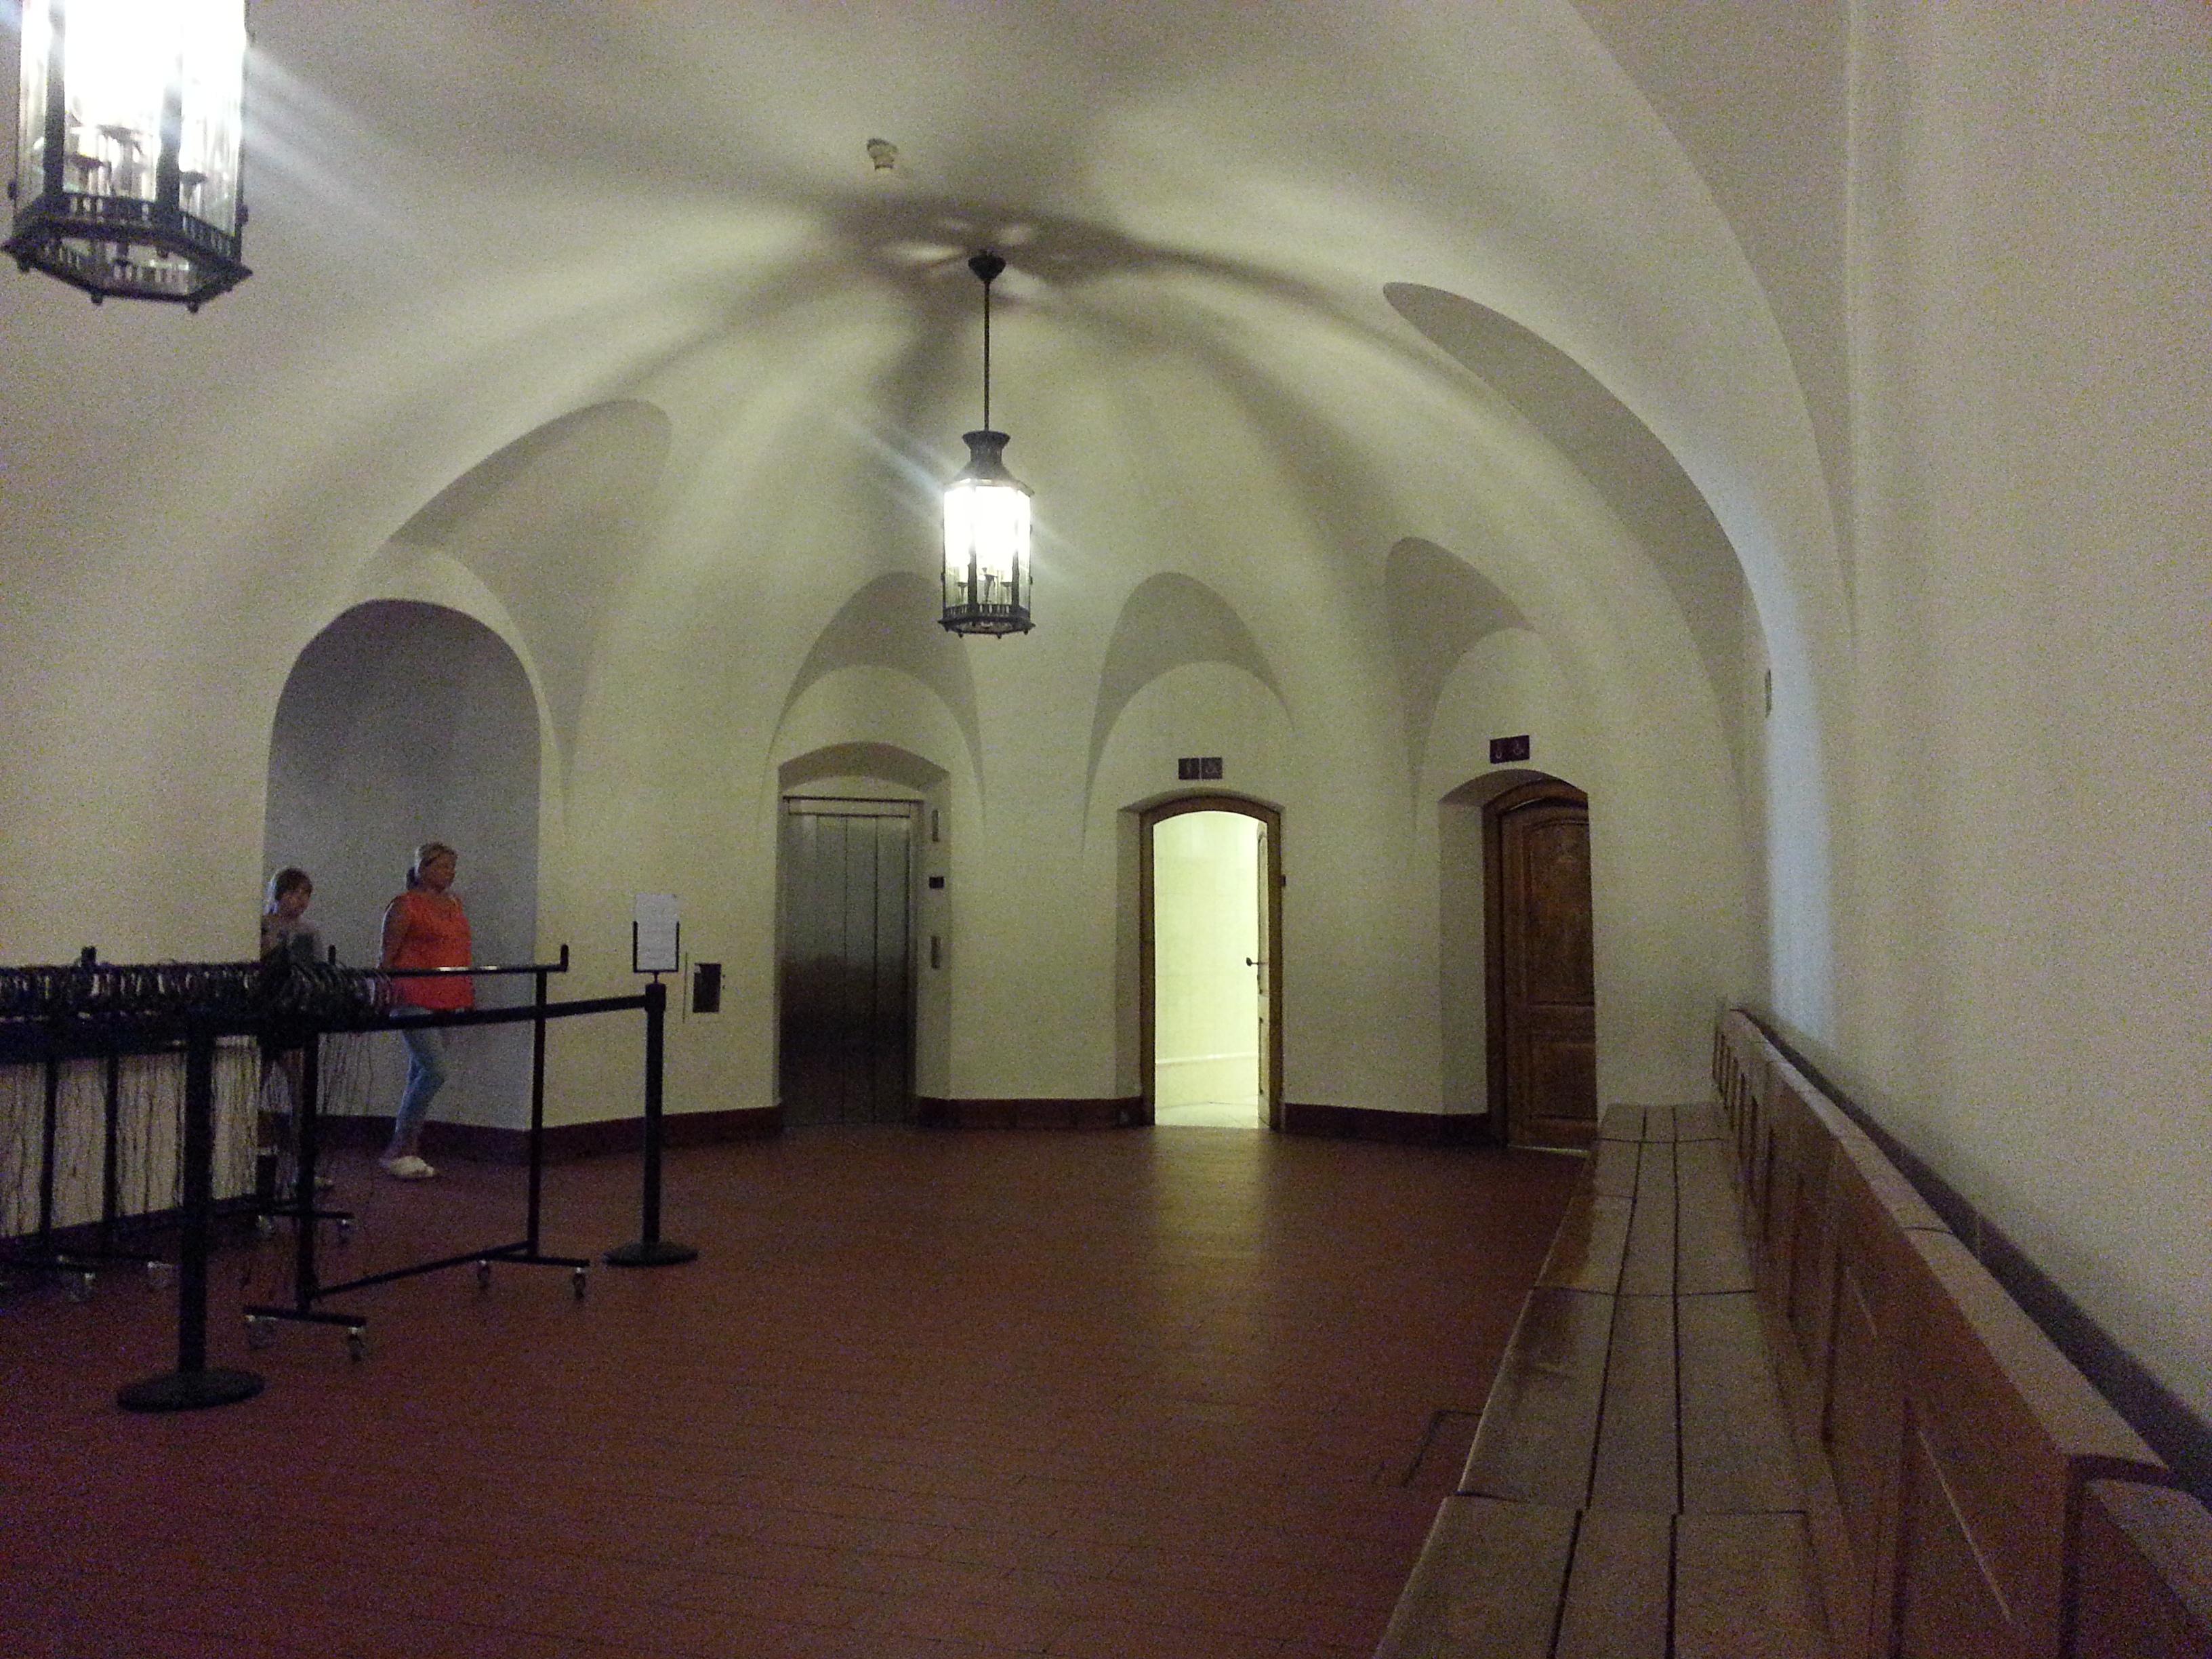 欧式城堡内部素材